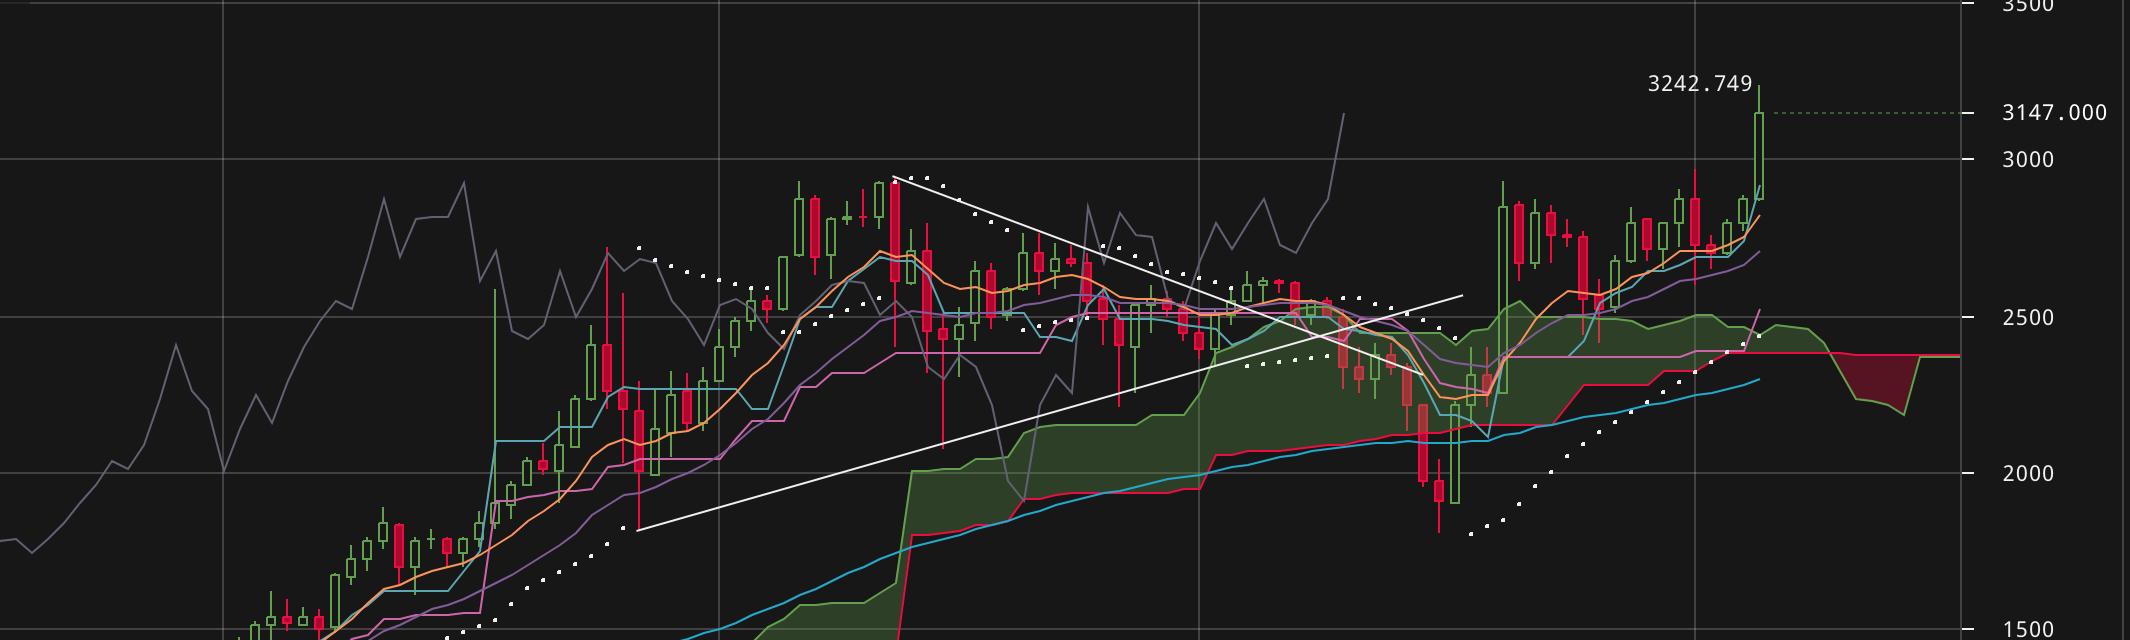 Bitcoin: $3242. Megvan az új all-time-high!